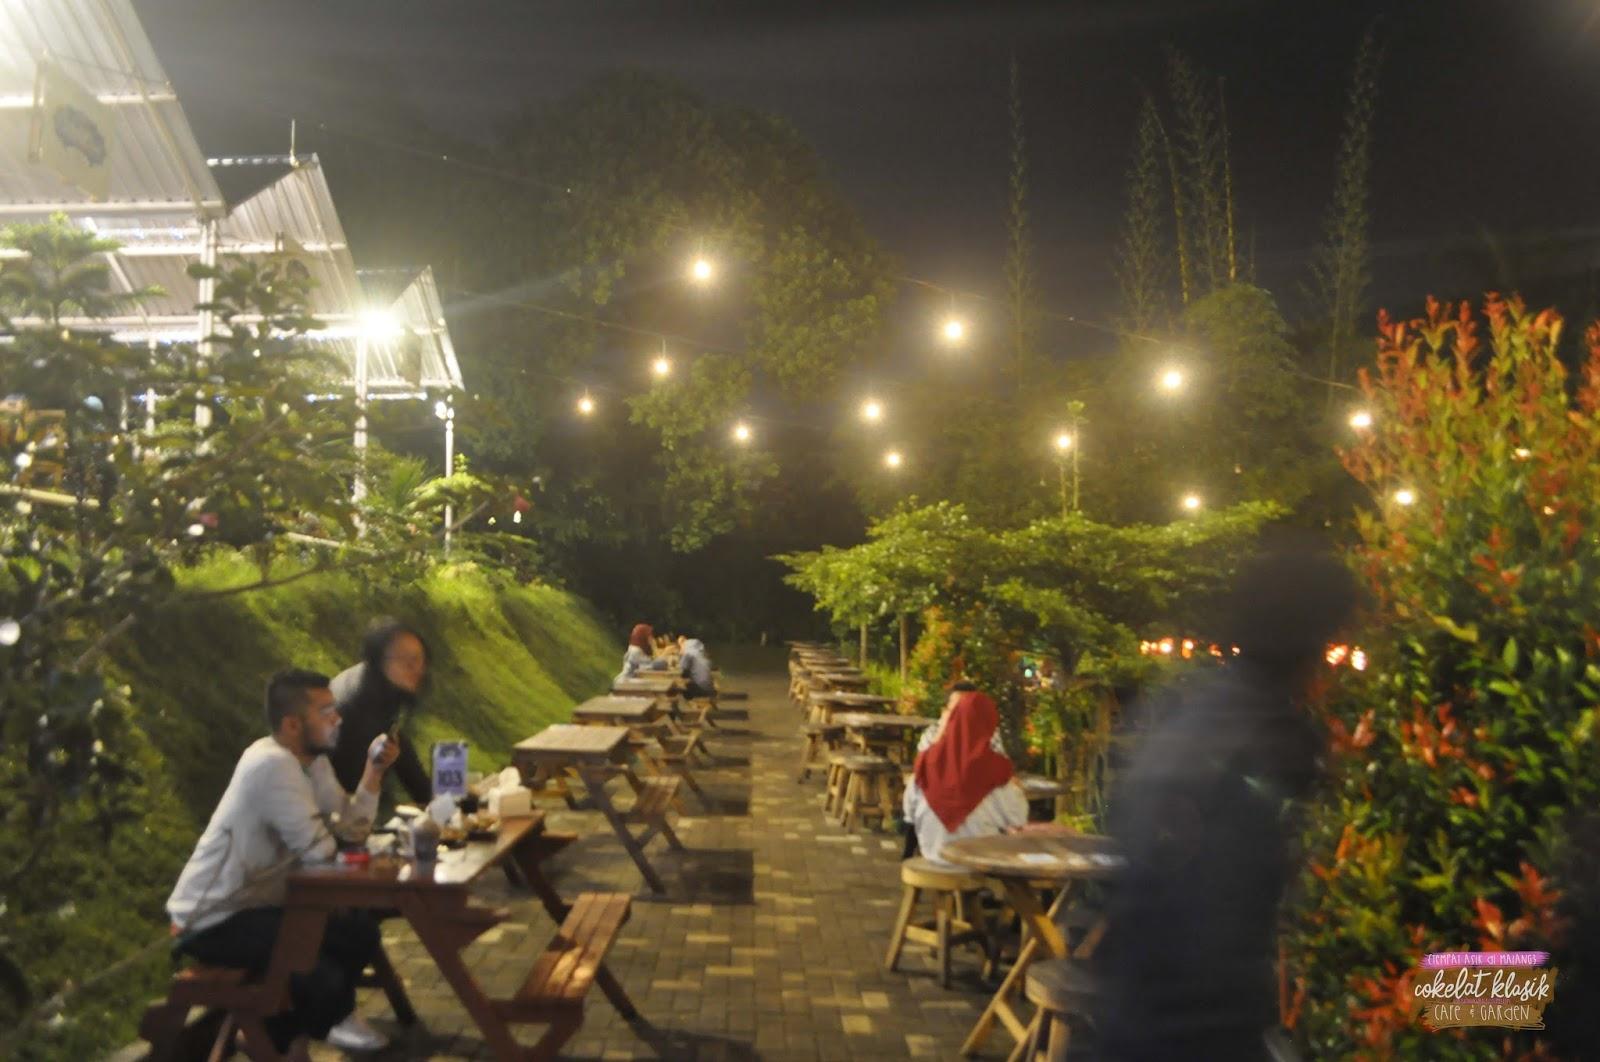 Dream Big Tempat Asik Di Malang Cokelat Klasik Cafe Garden Grapari Halo 12 Bulan Bagian Bawah Tapi Ada Yg Dibawah Lagi Masihan